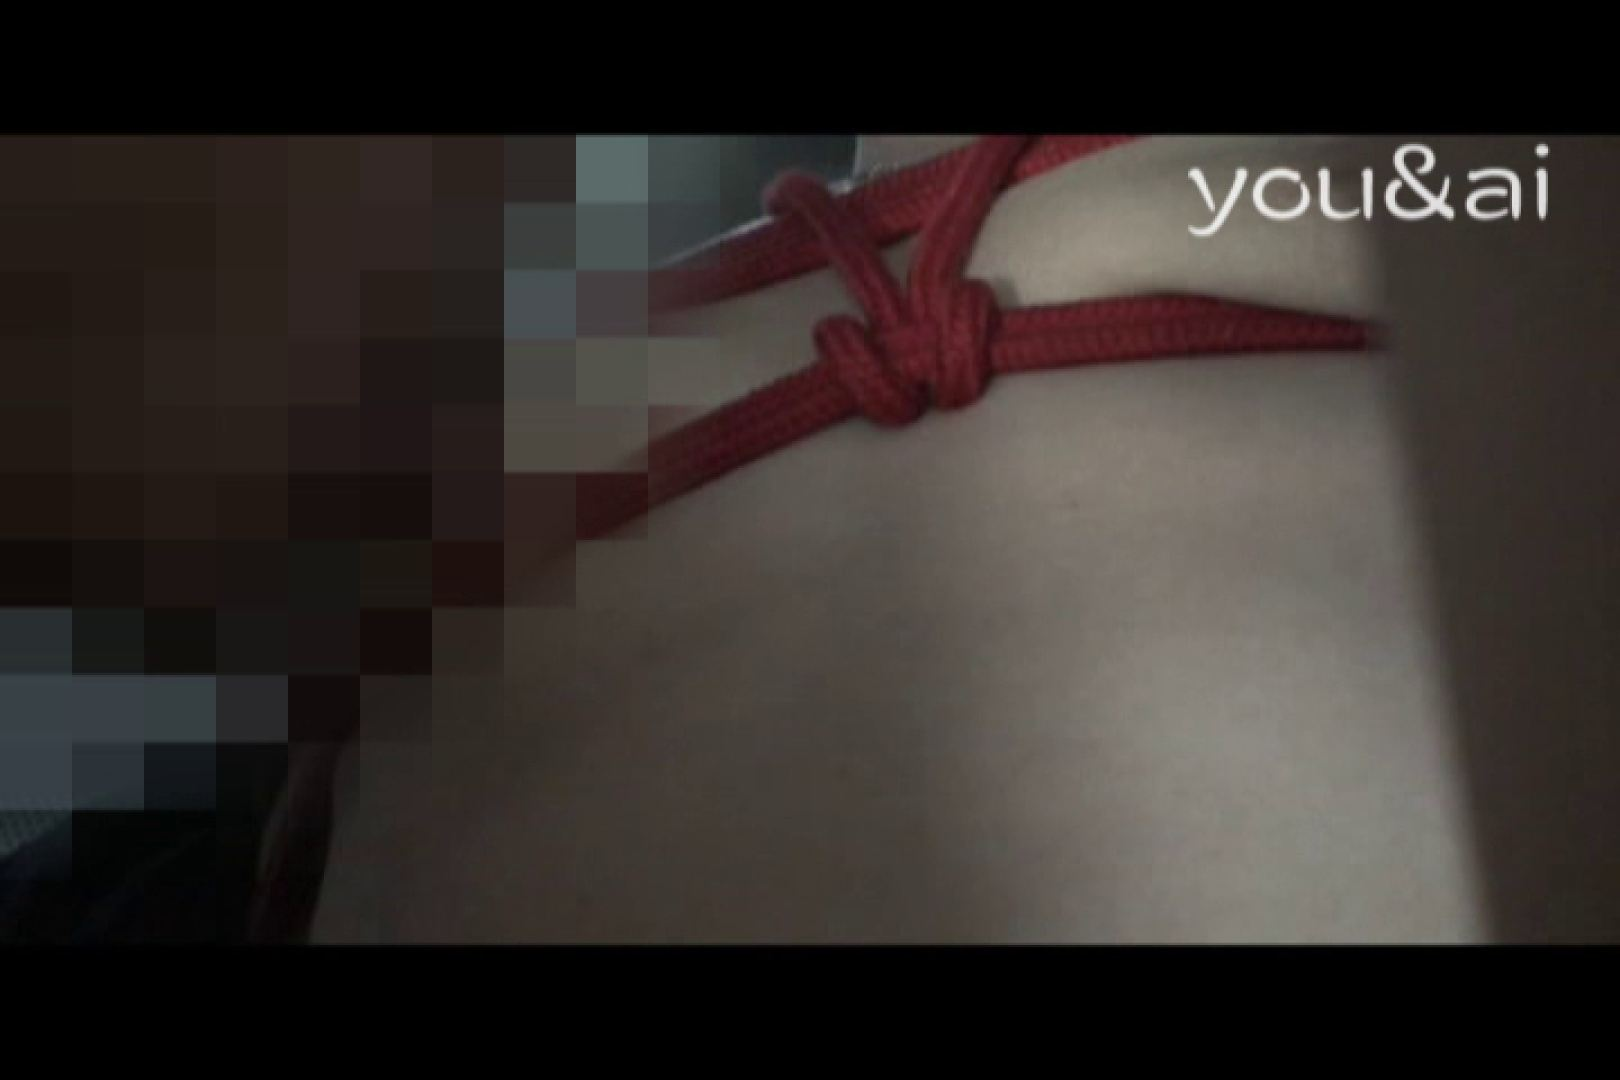 おしどり夫婦のyou&aiさん投稿作品vol.4 セックス エロ画像 53連発 17